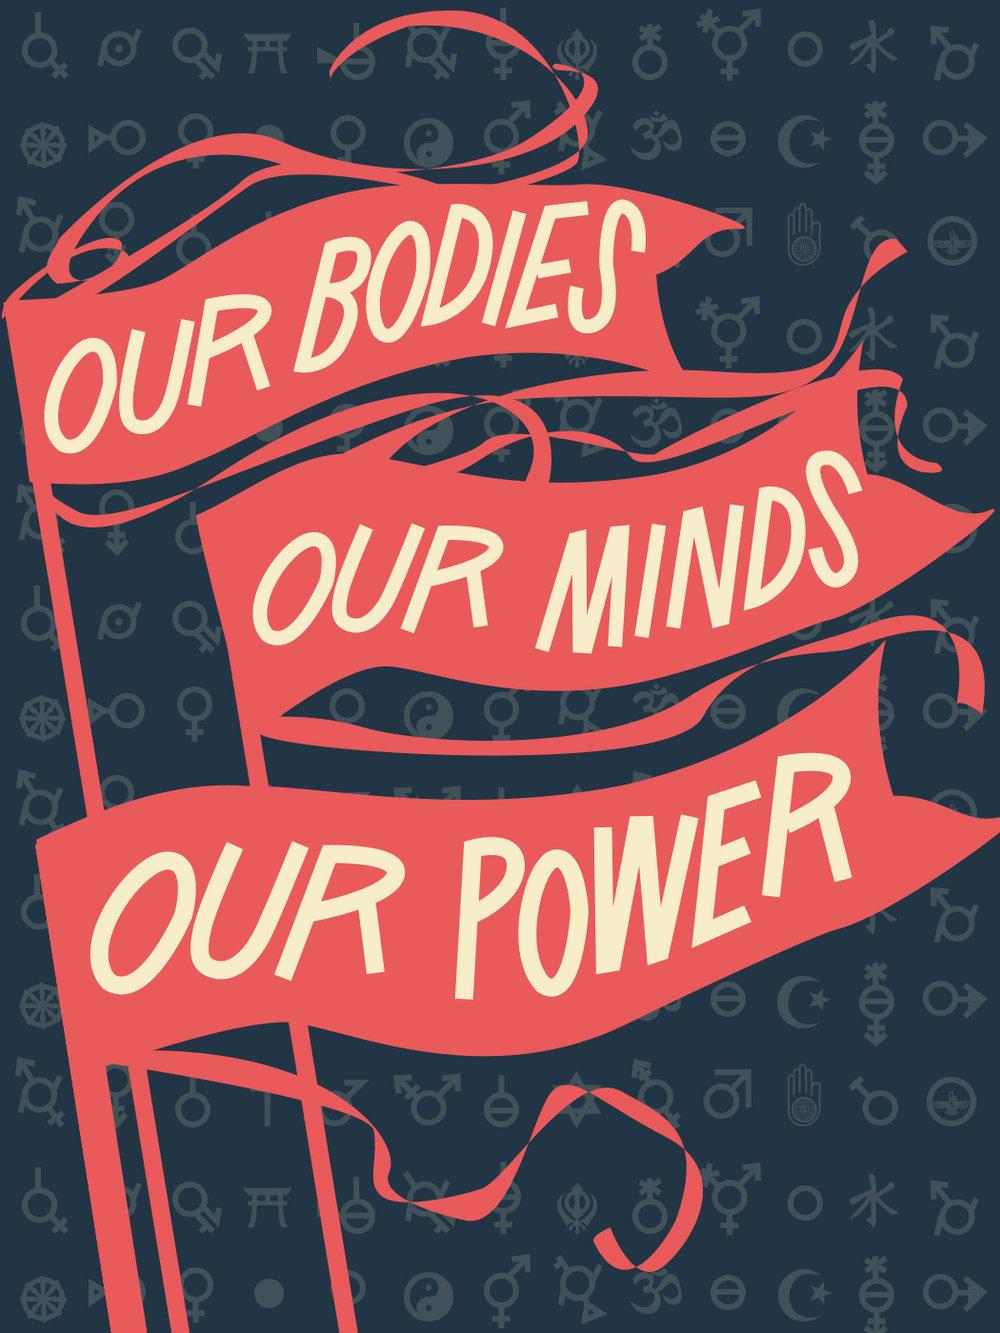 'Our Bodies, Our Minds' - Jennifer Maravillas